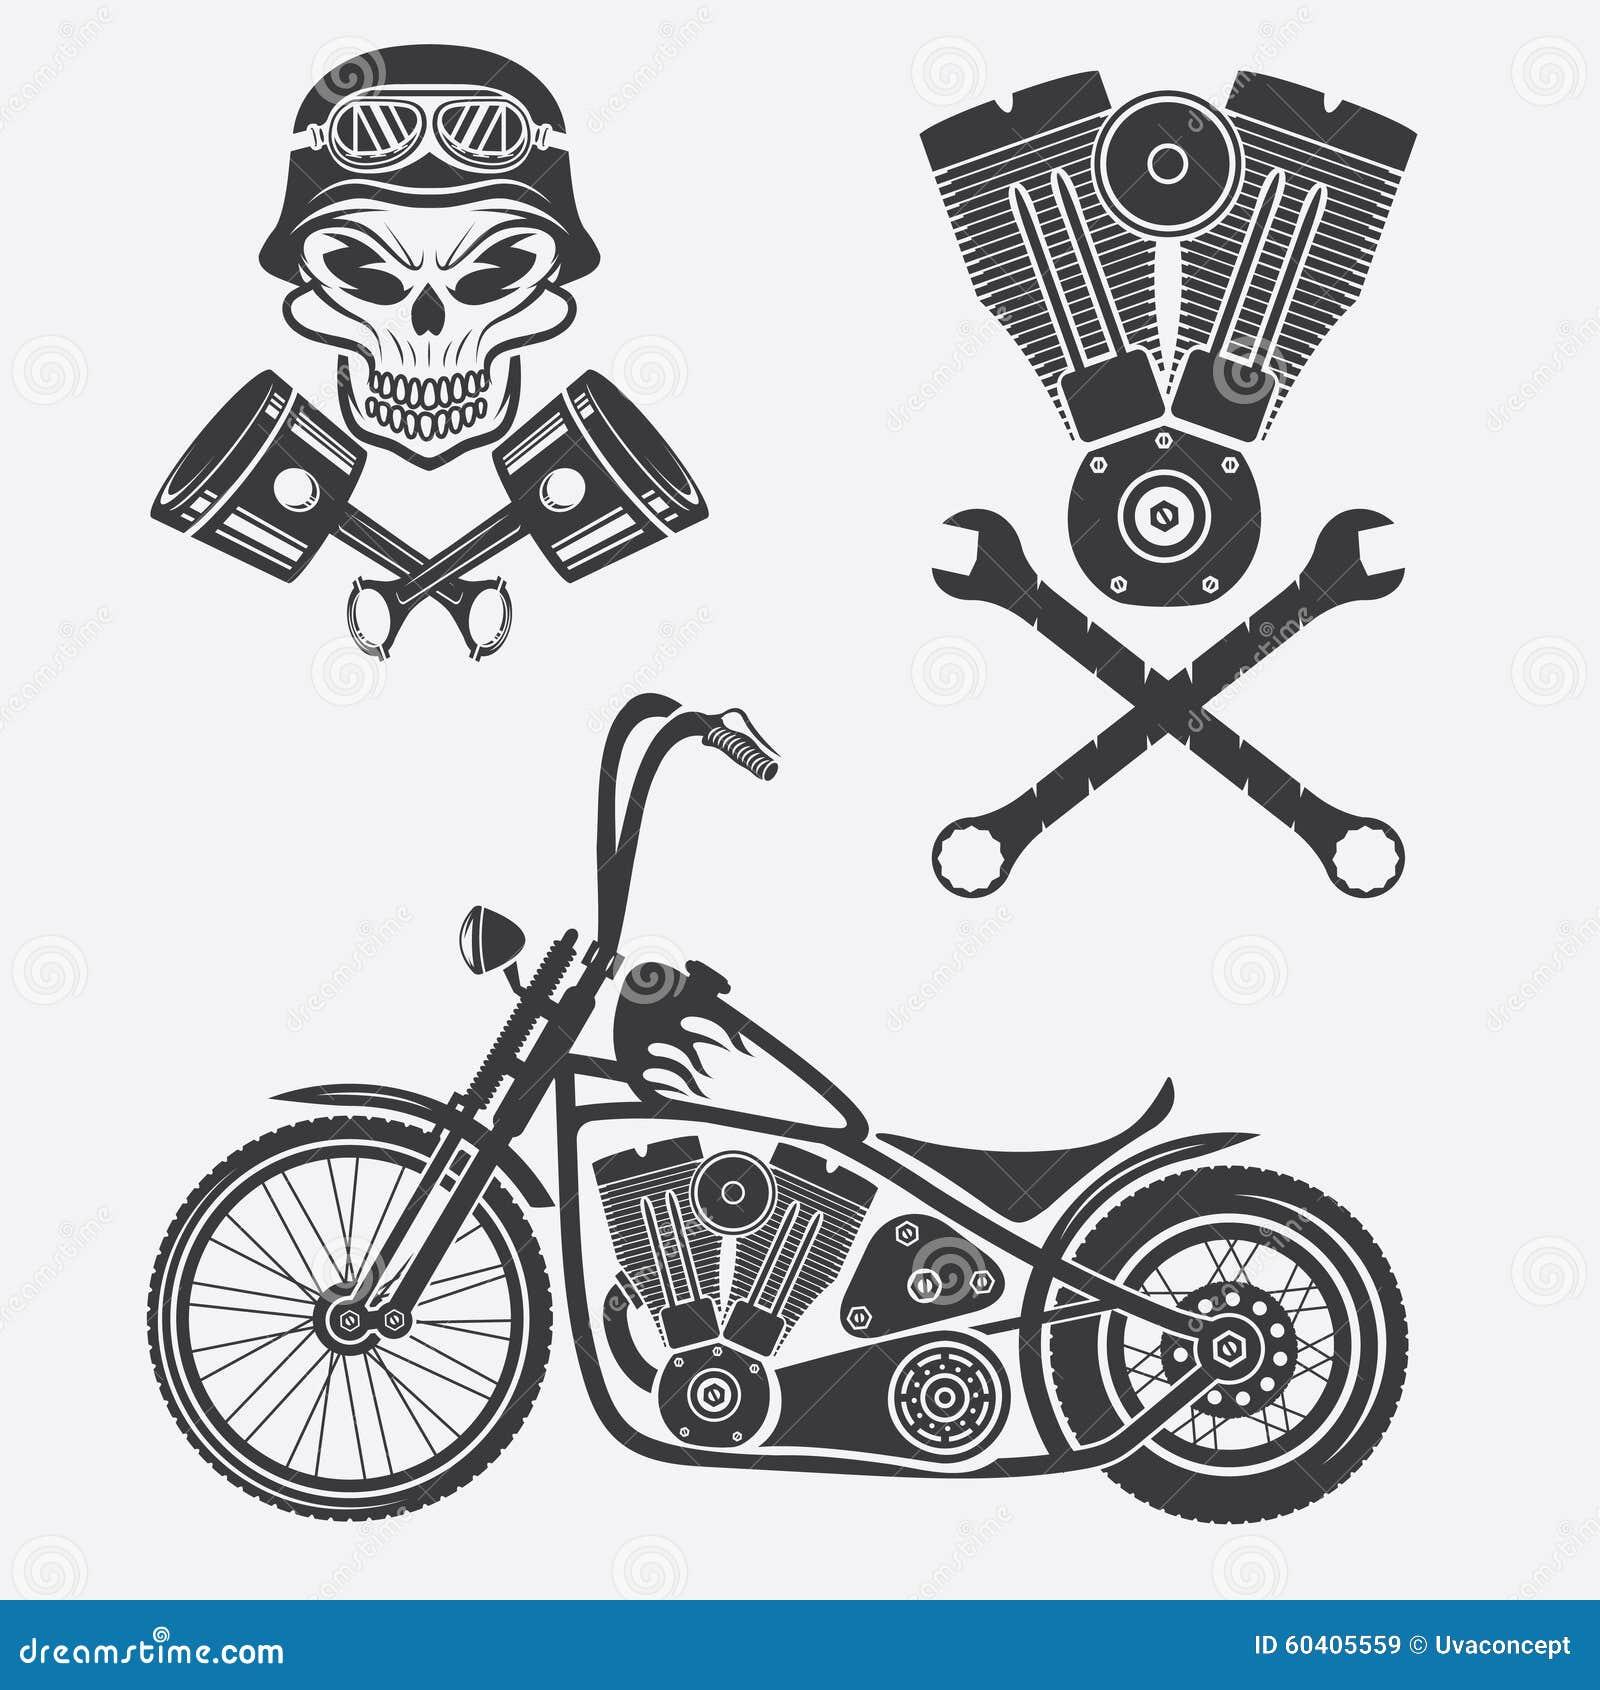 摩托车、头骨、引擎和活塞